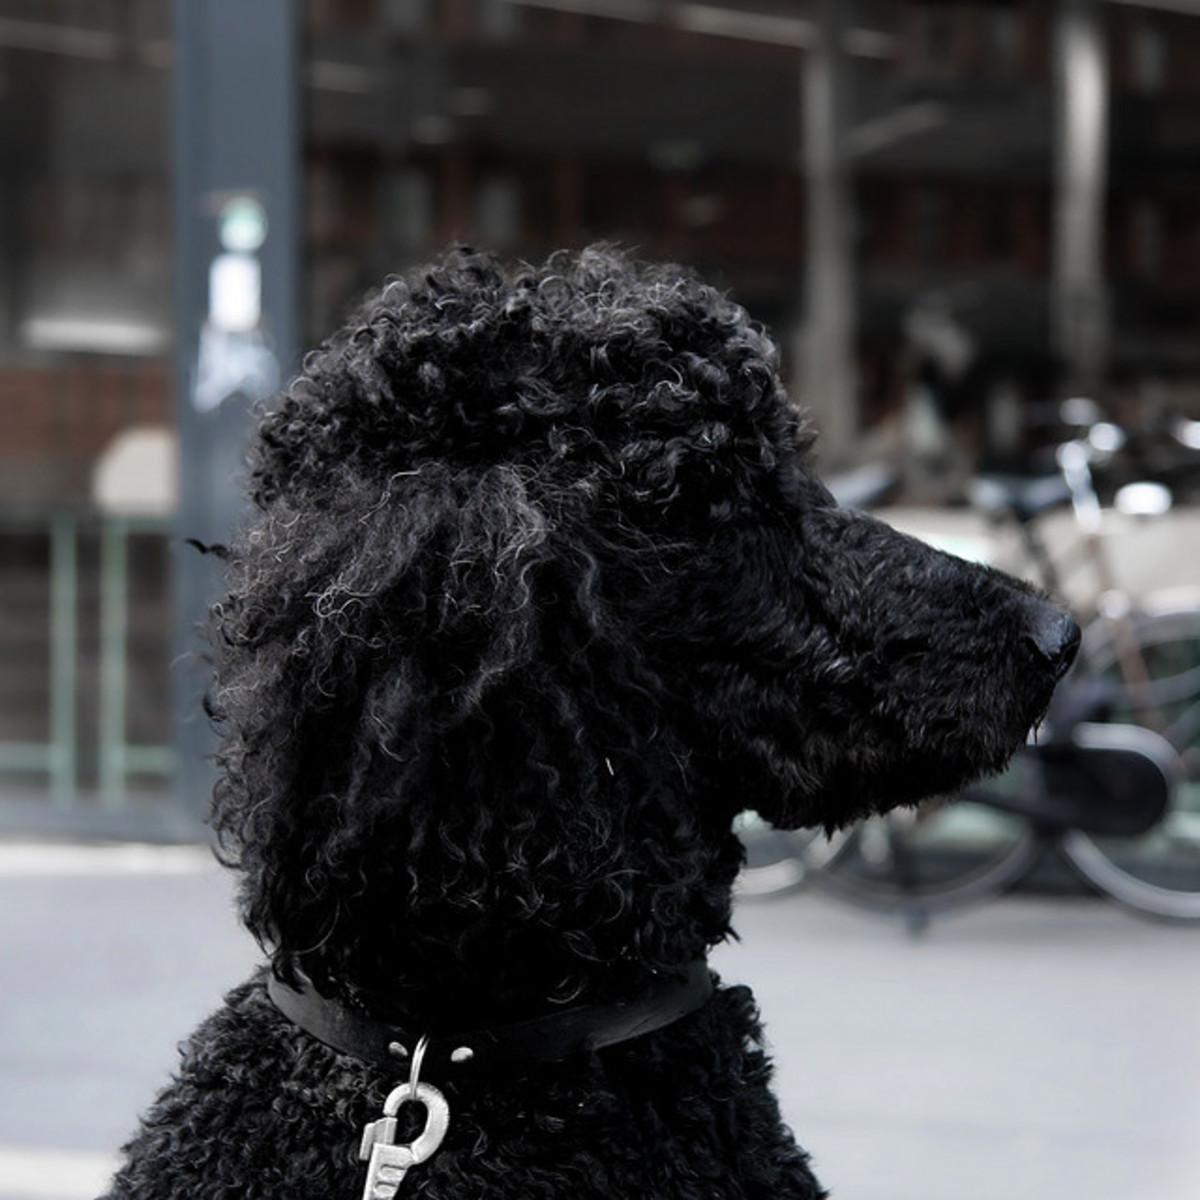 Black standard Poodle.